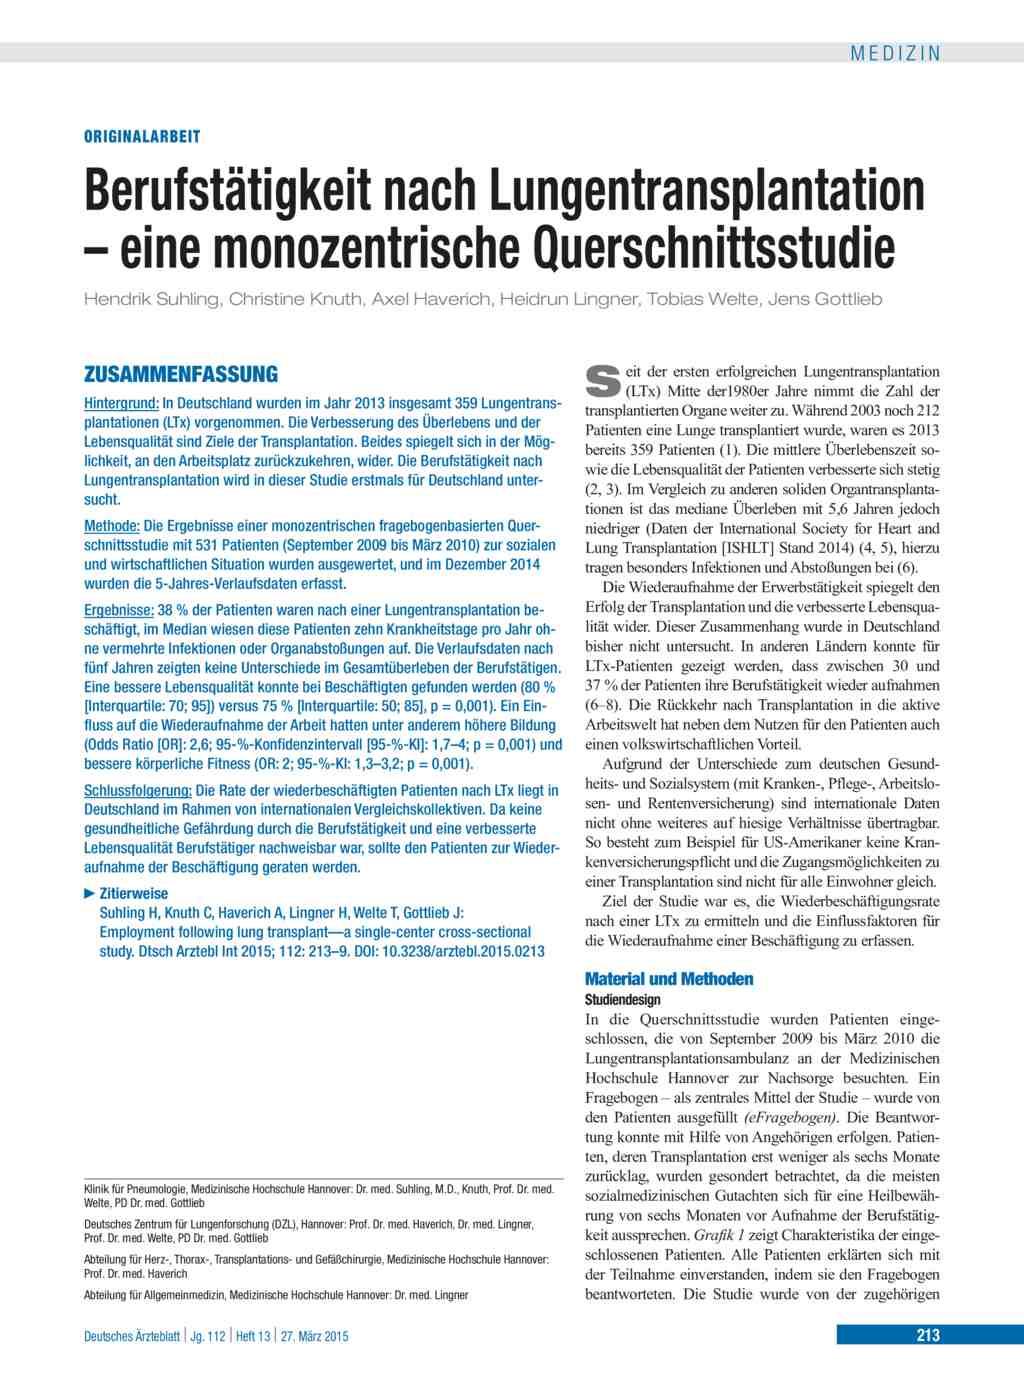 Berufstätigkeit nach Lungentransplantation – eine monozentrische ...